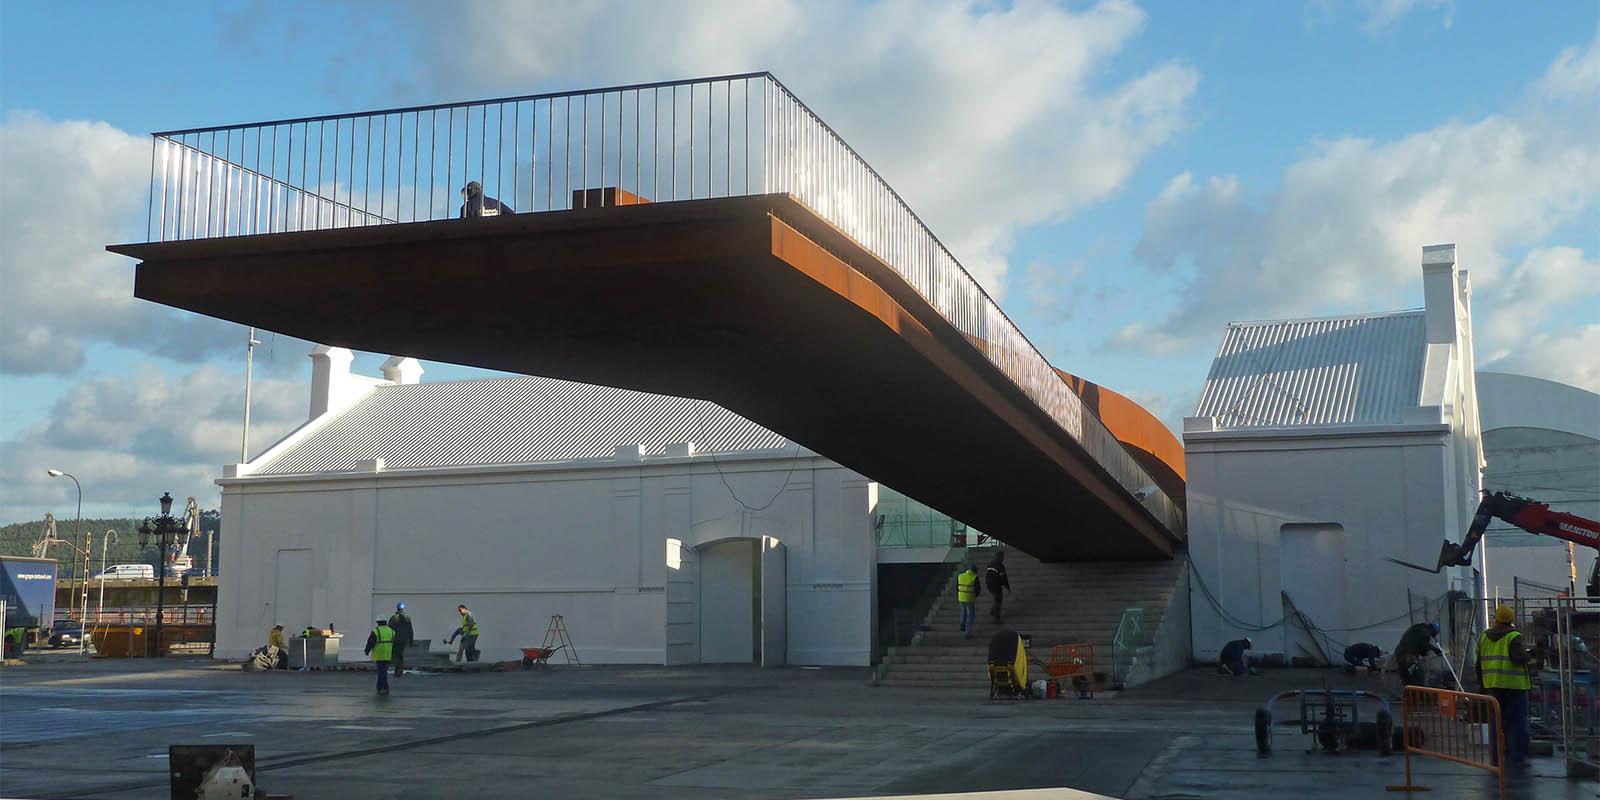 Pasarela de acceso al Centro Internacional de Arte Oscar Niemeyer